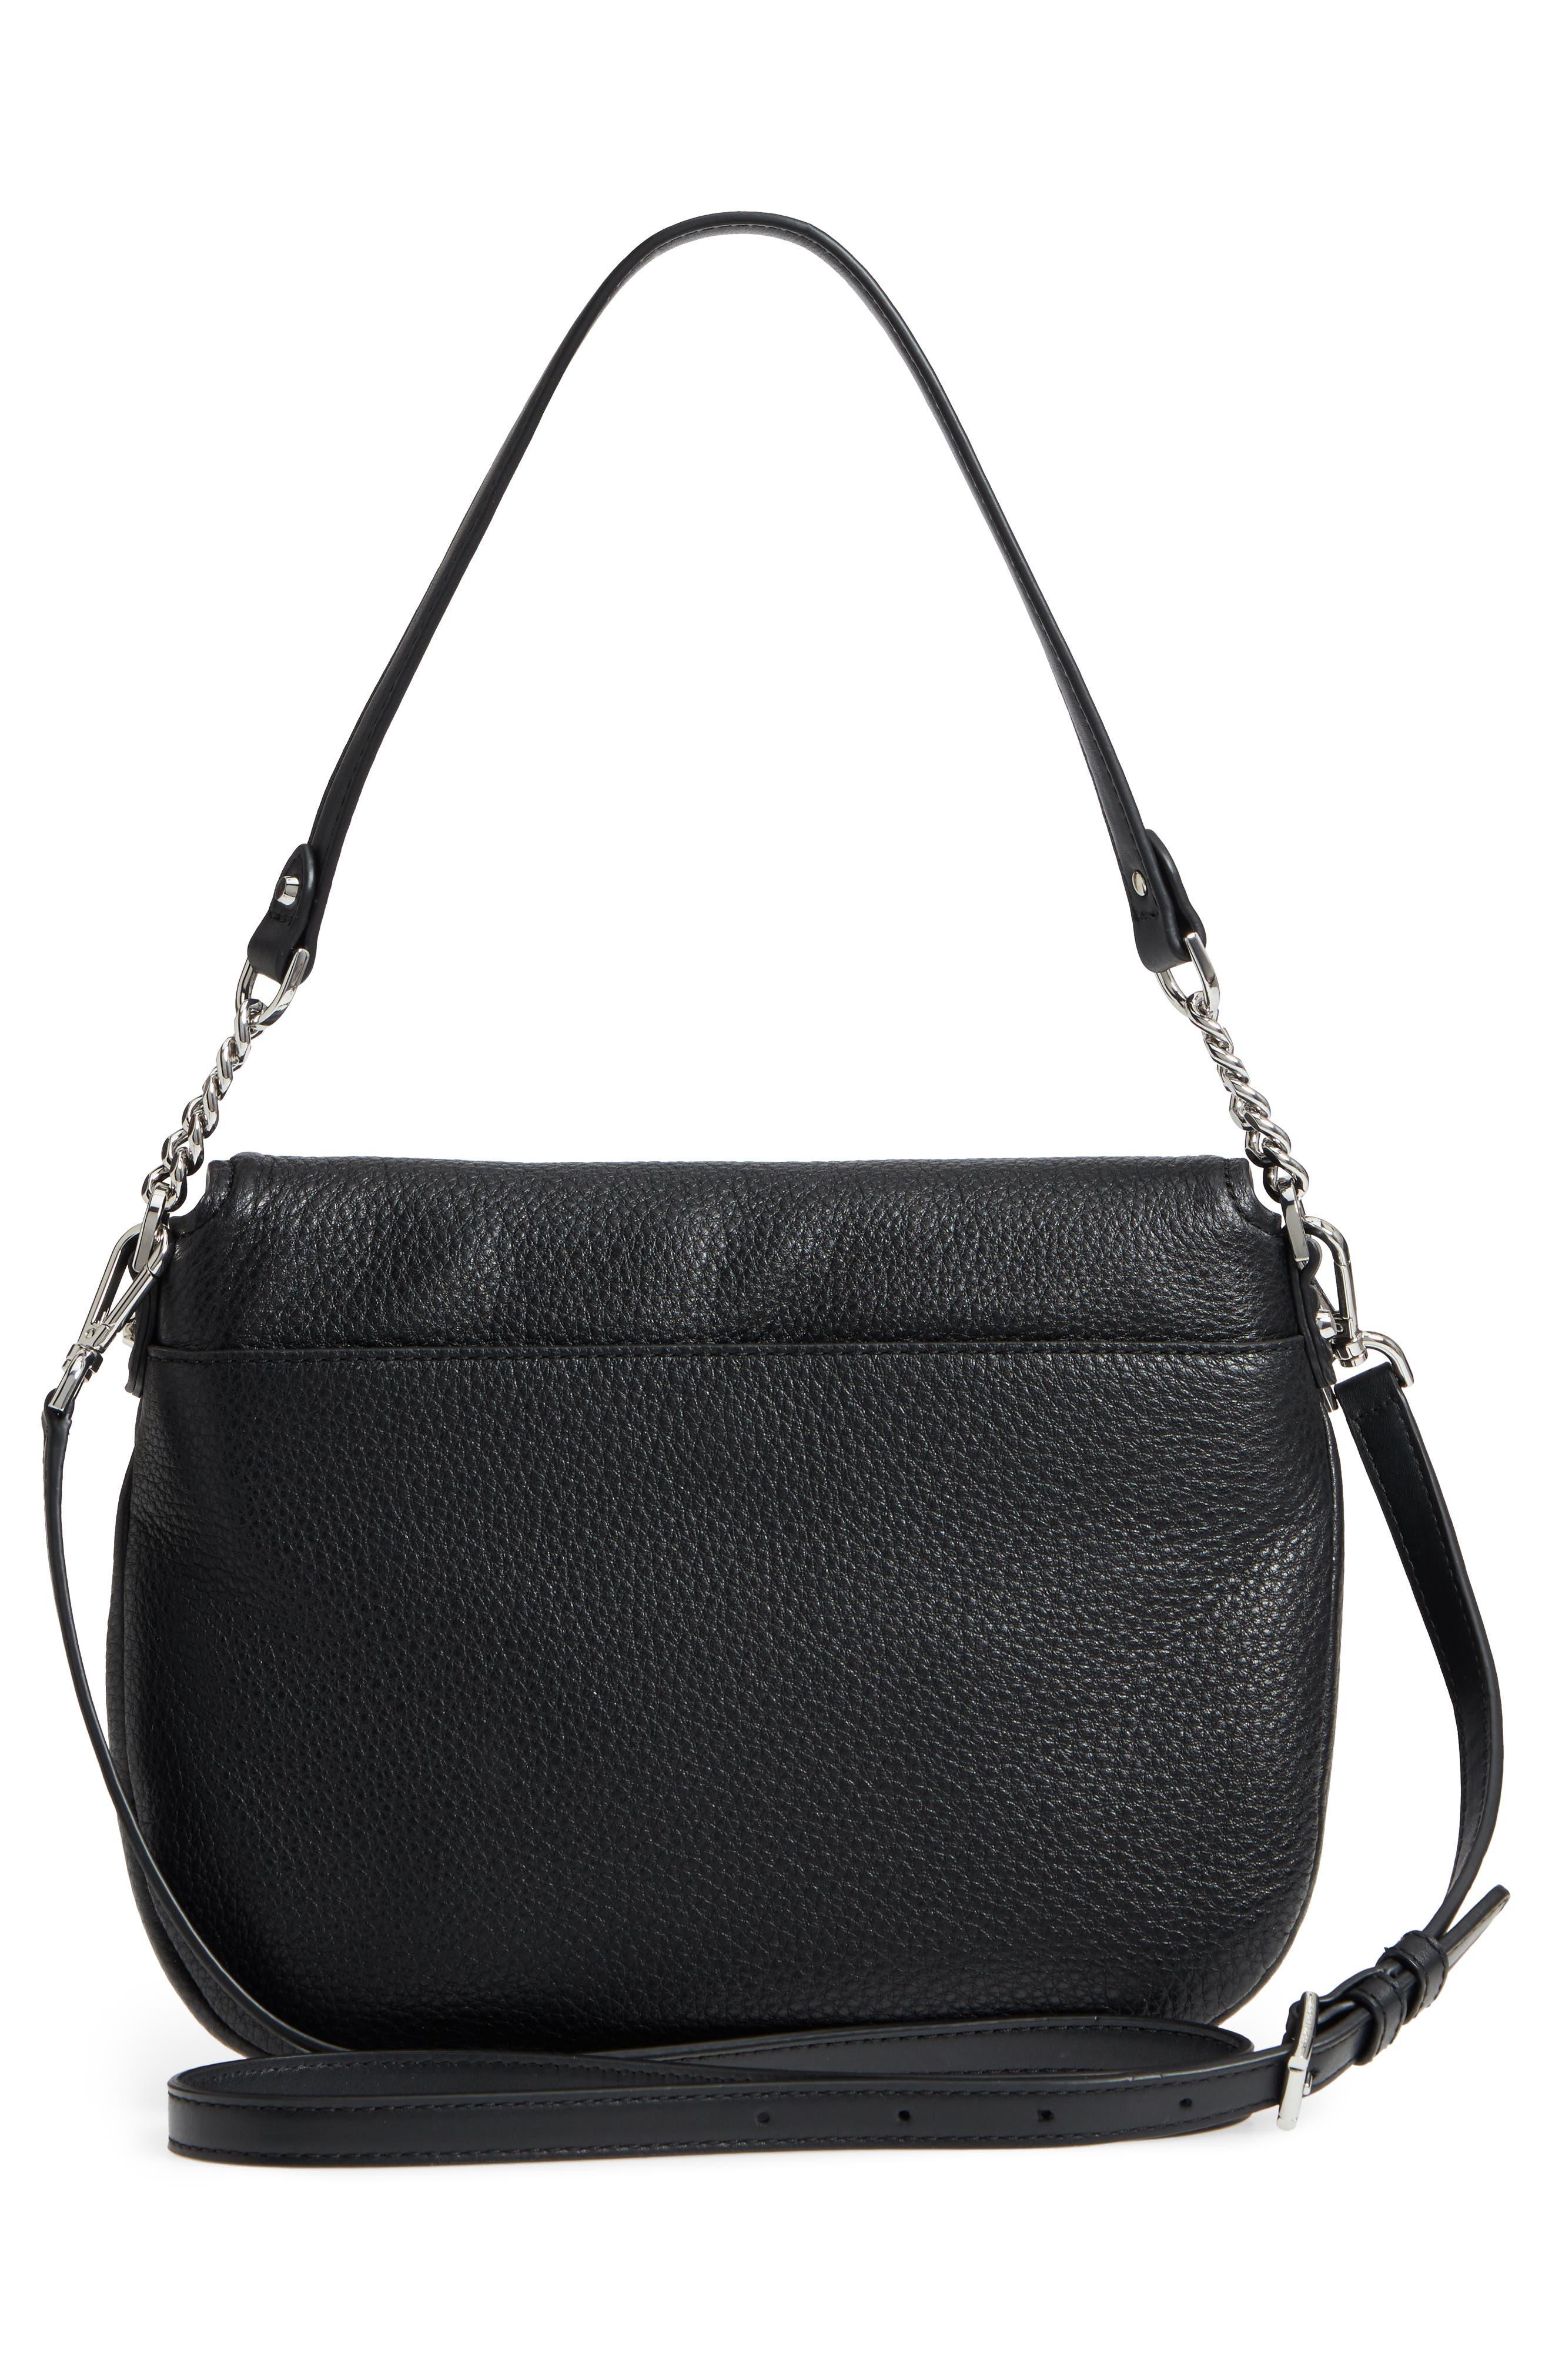 Medium Leather Shoulder Bag,                             Alternate thumbnail 3, color,                             001